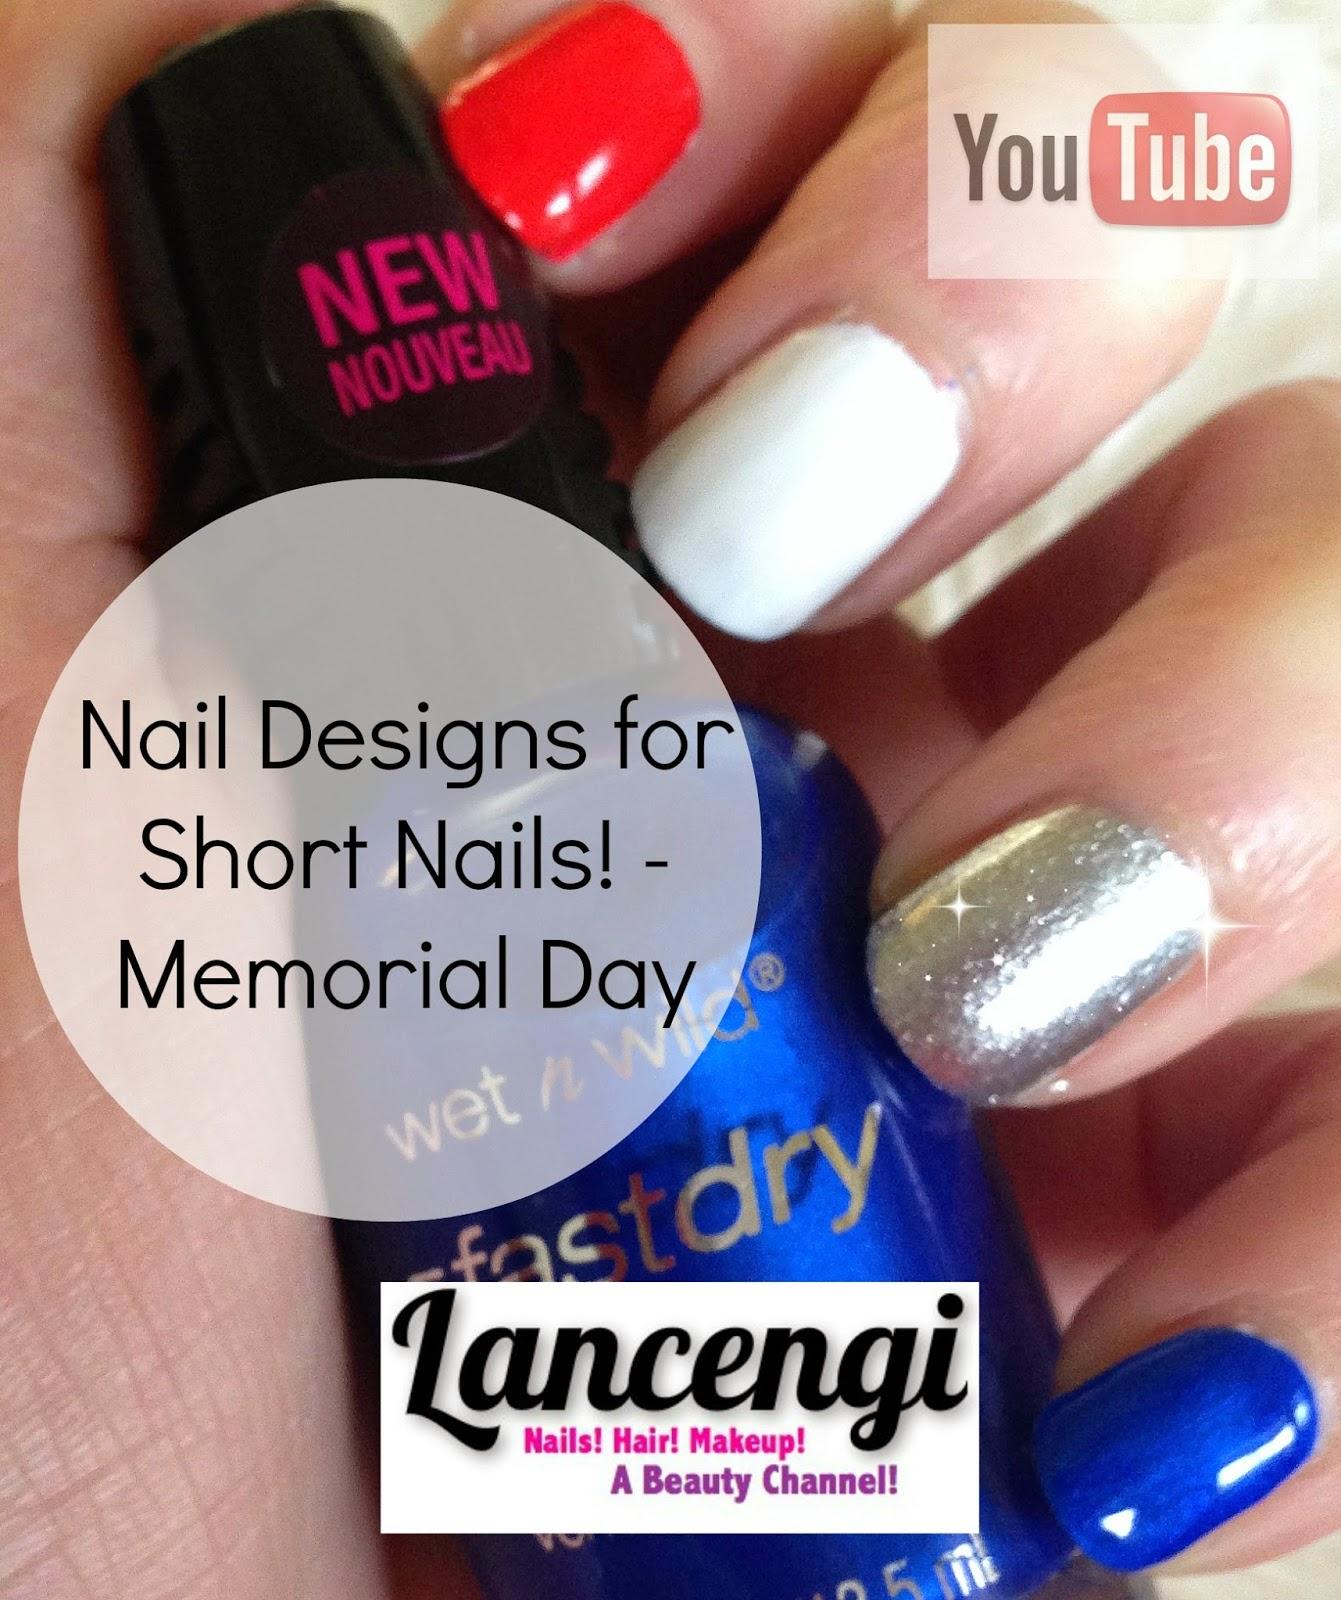 LancenGi: Easy Nail Art For Beginners